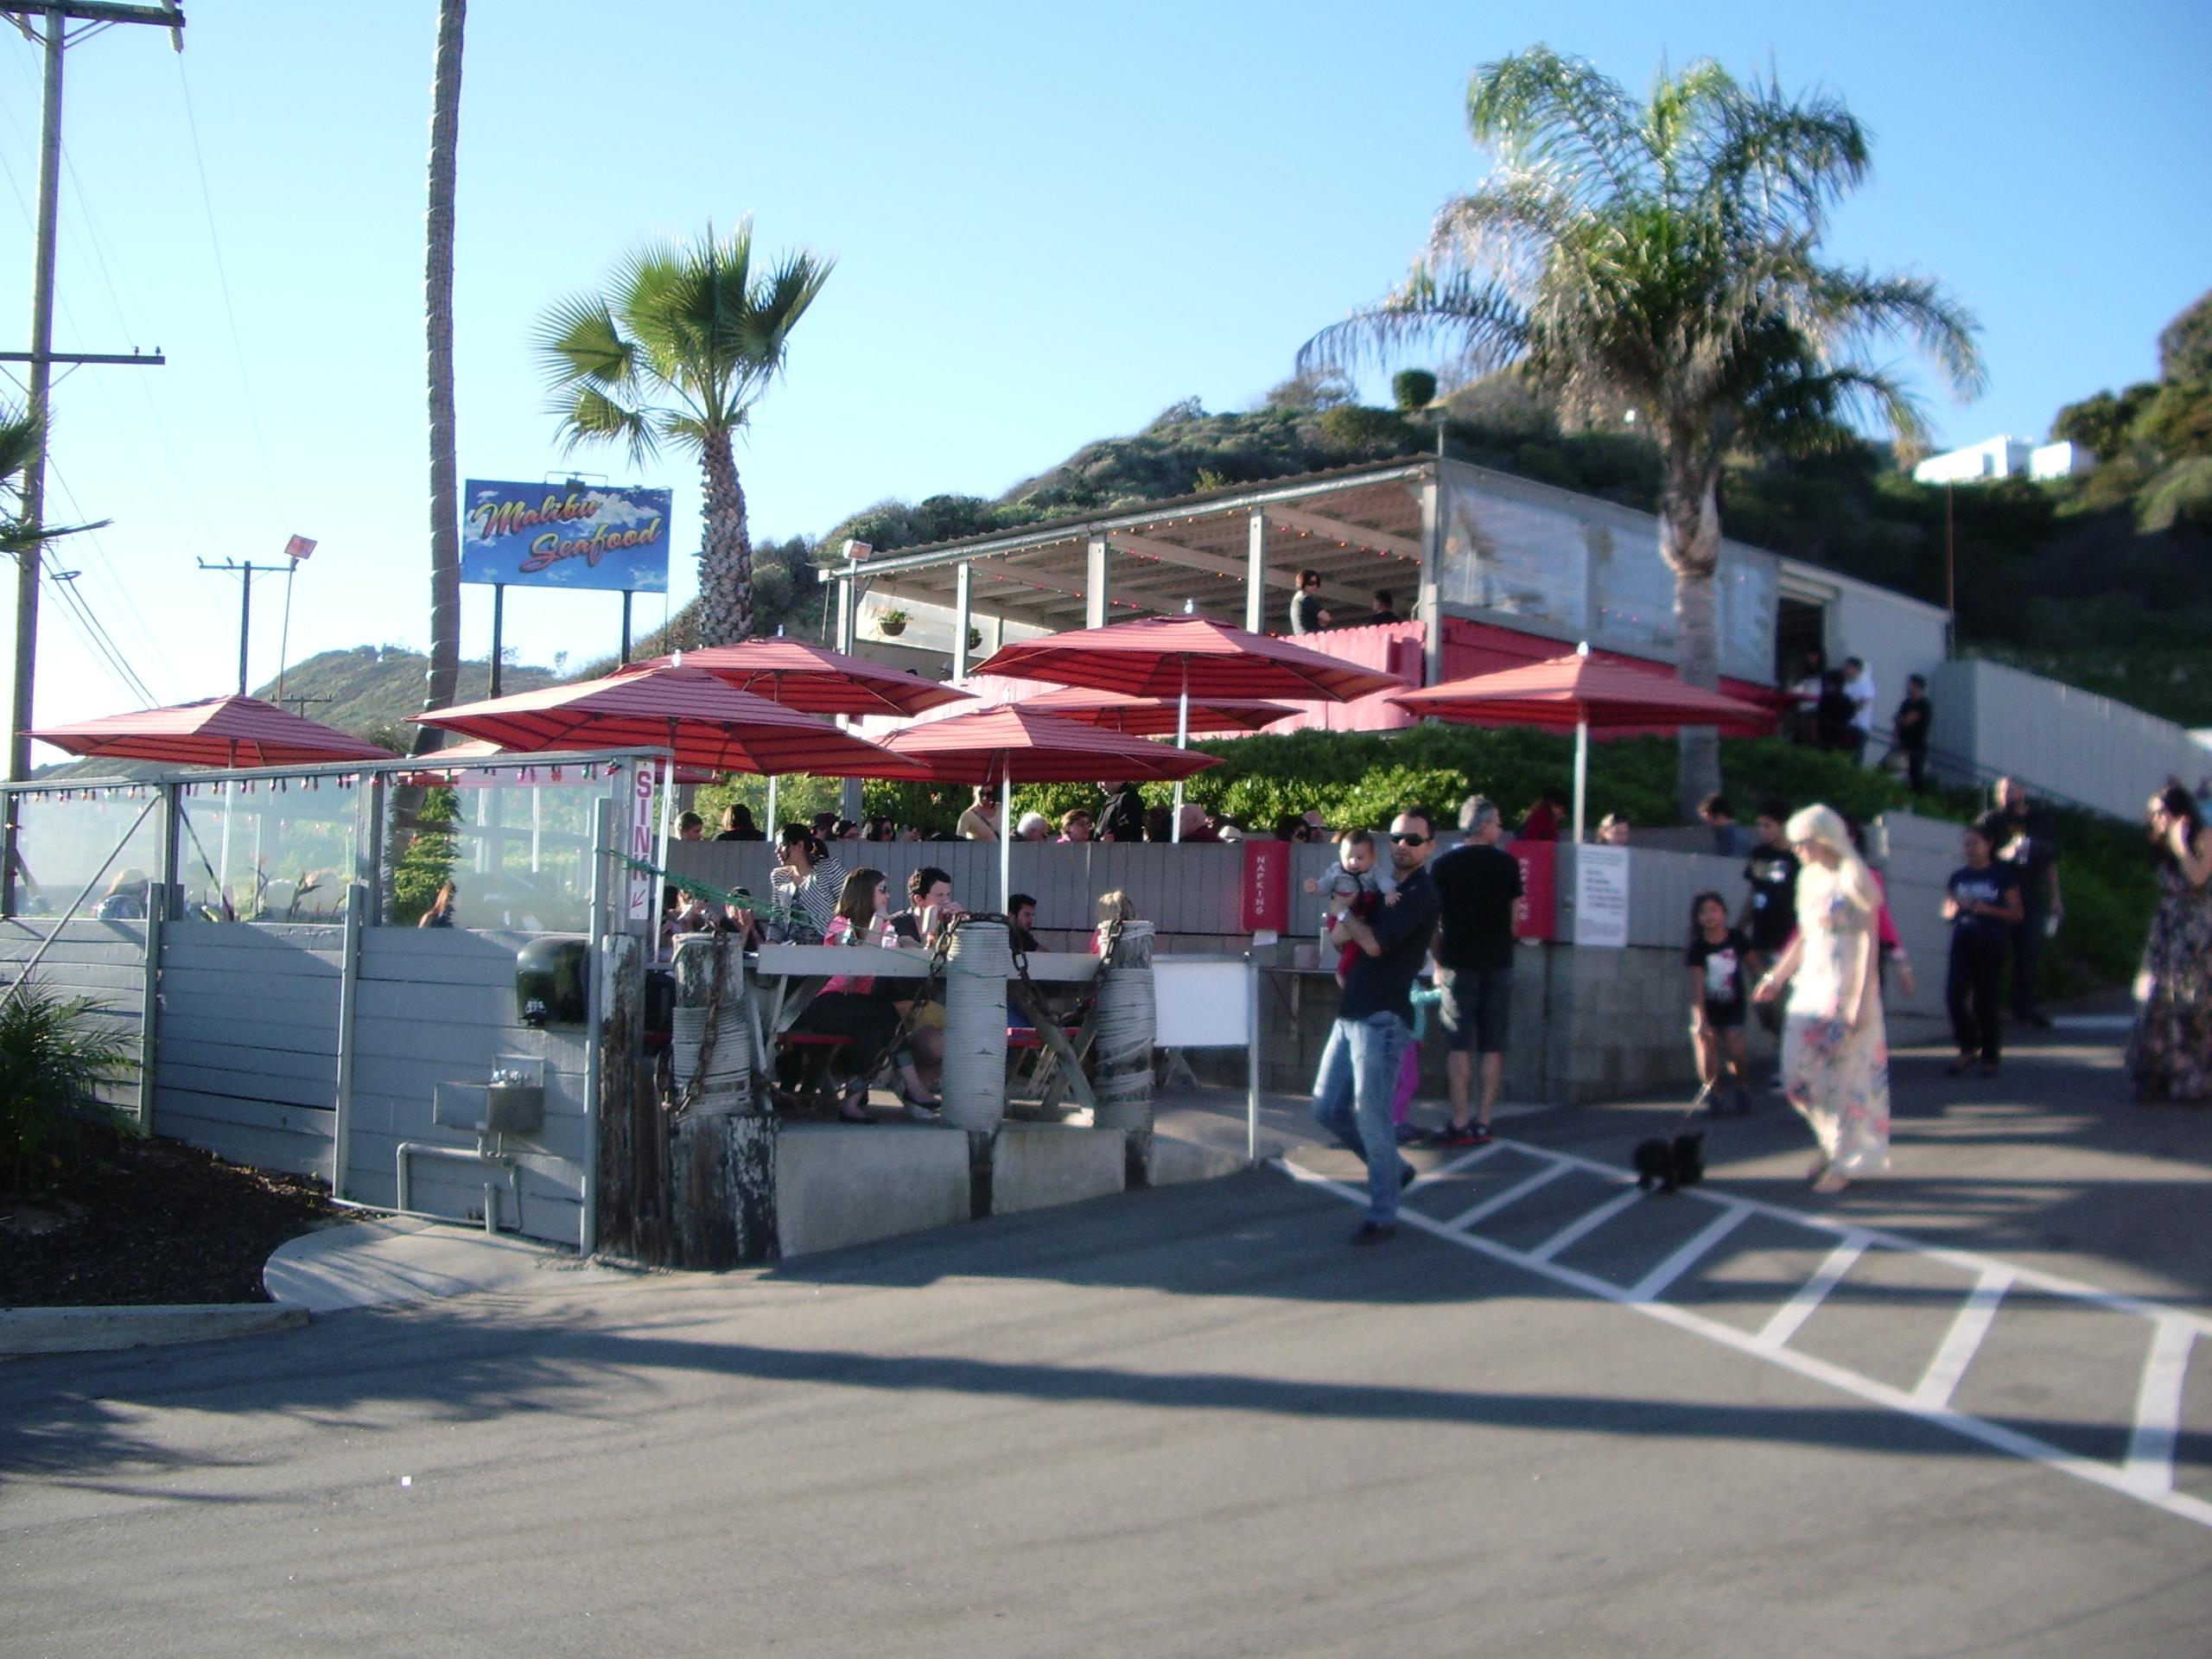 Food With A View: The Malibu Seafood Patio Café